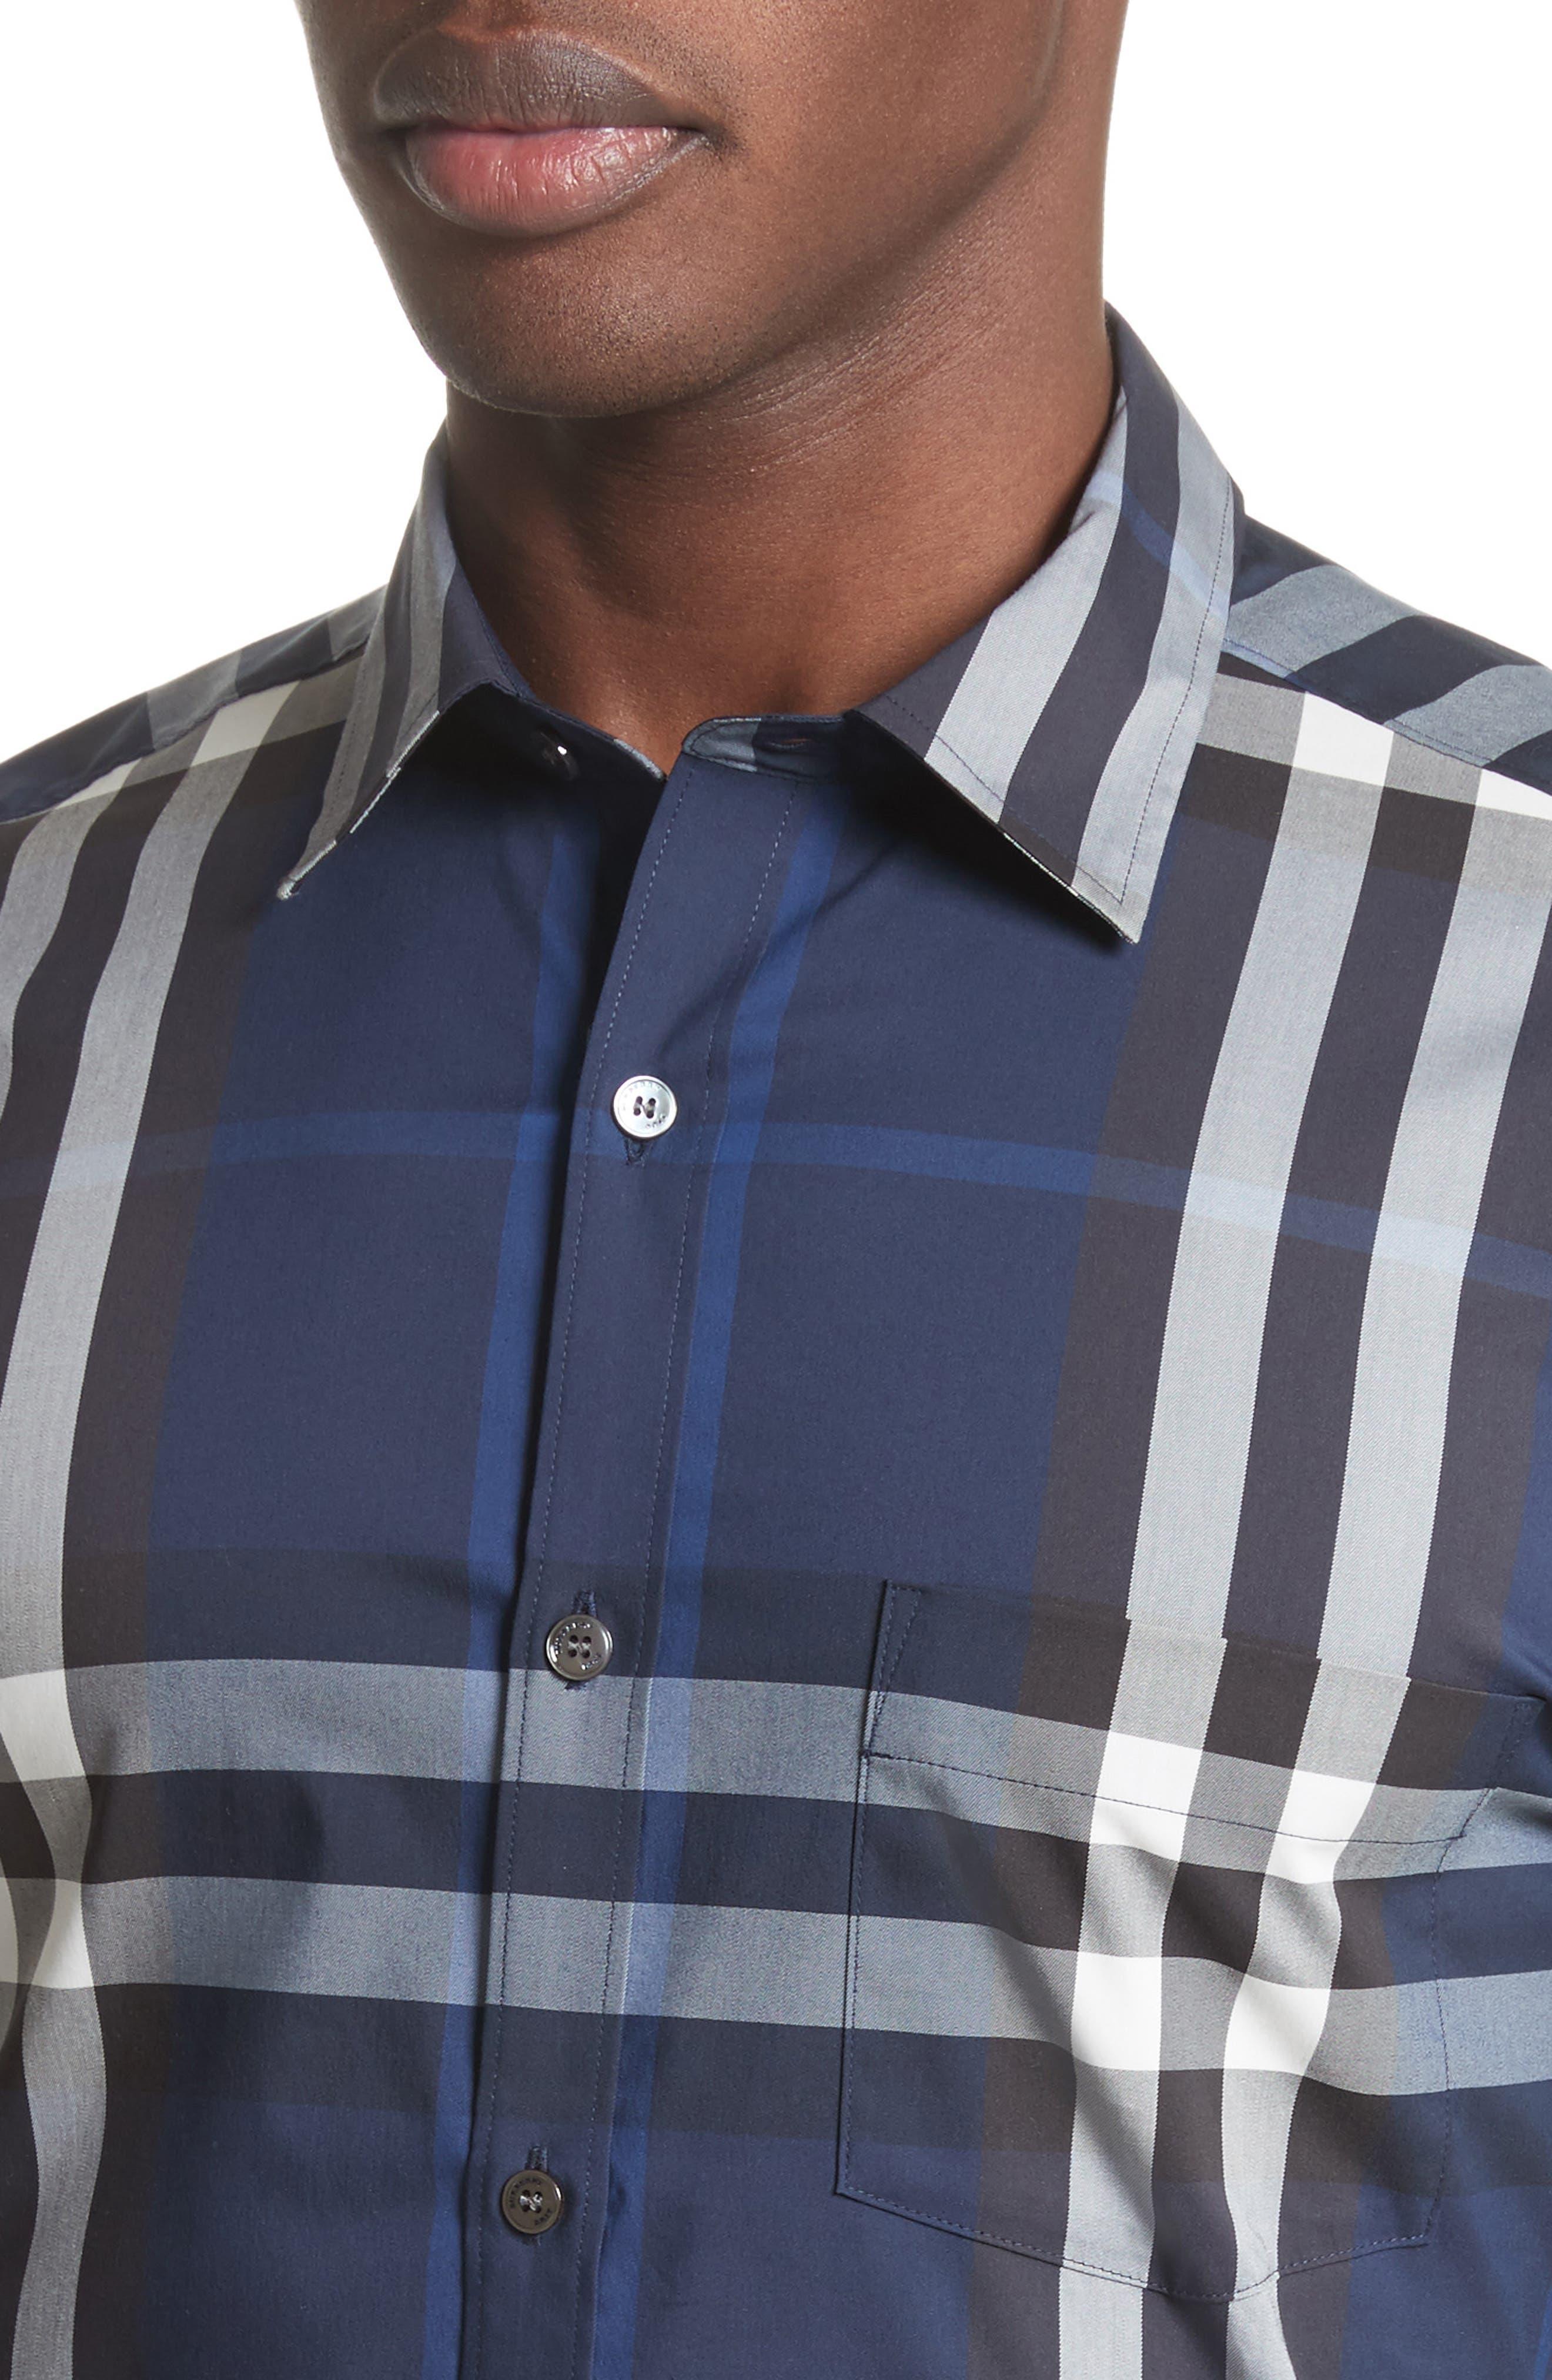 Nelson Trim Fit Plaid Sport Shirt,                             Alternate thumbnail 4, color,                             Indigo Blue